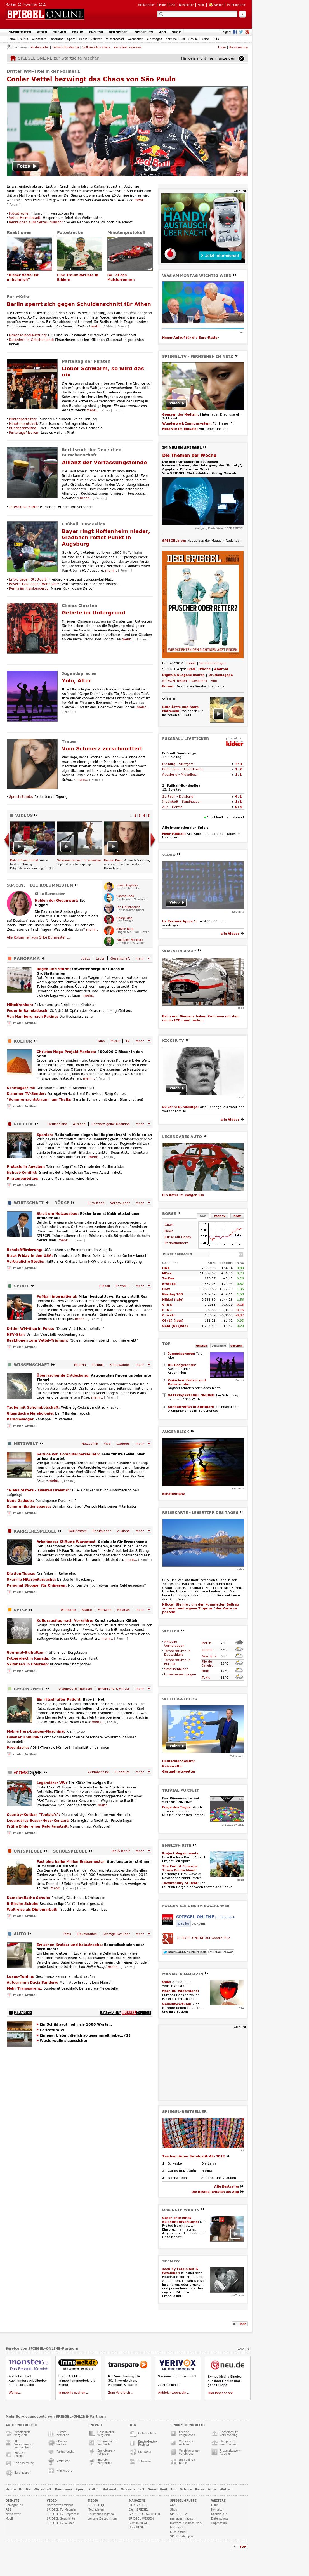 Spiegel Online at Monday Nov. 26, 2012, 2:29 a.m. UTC